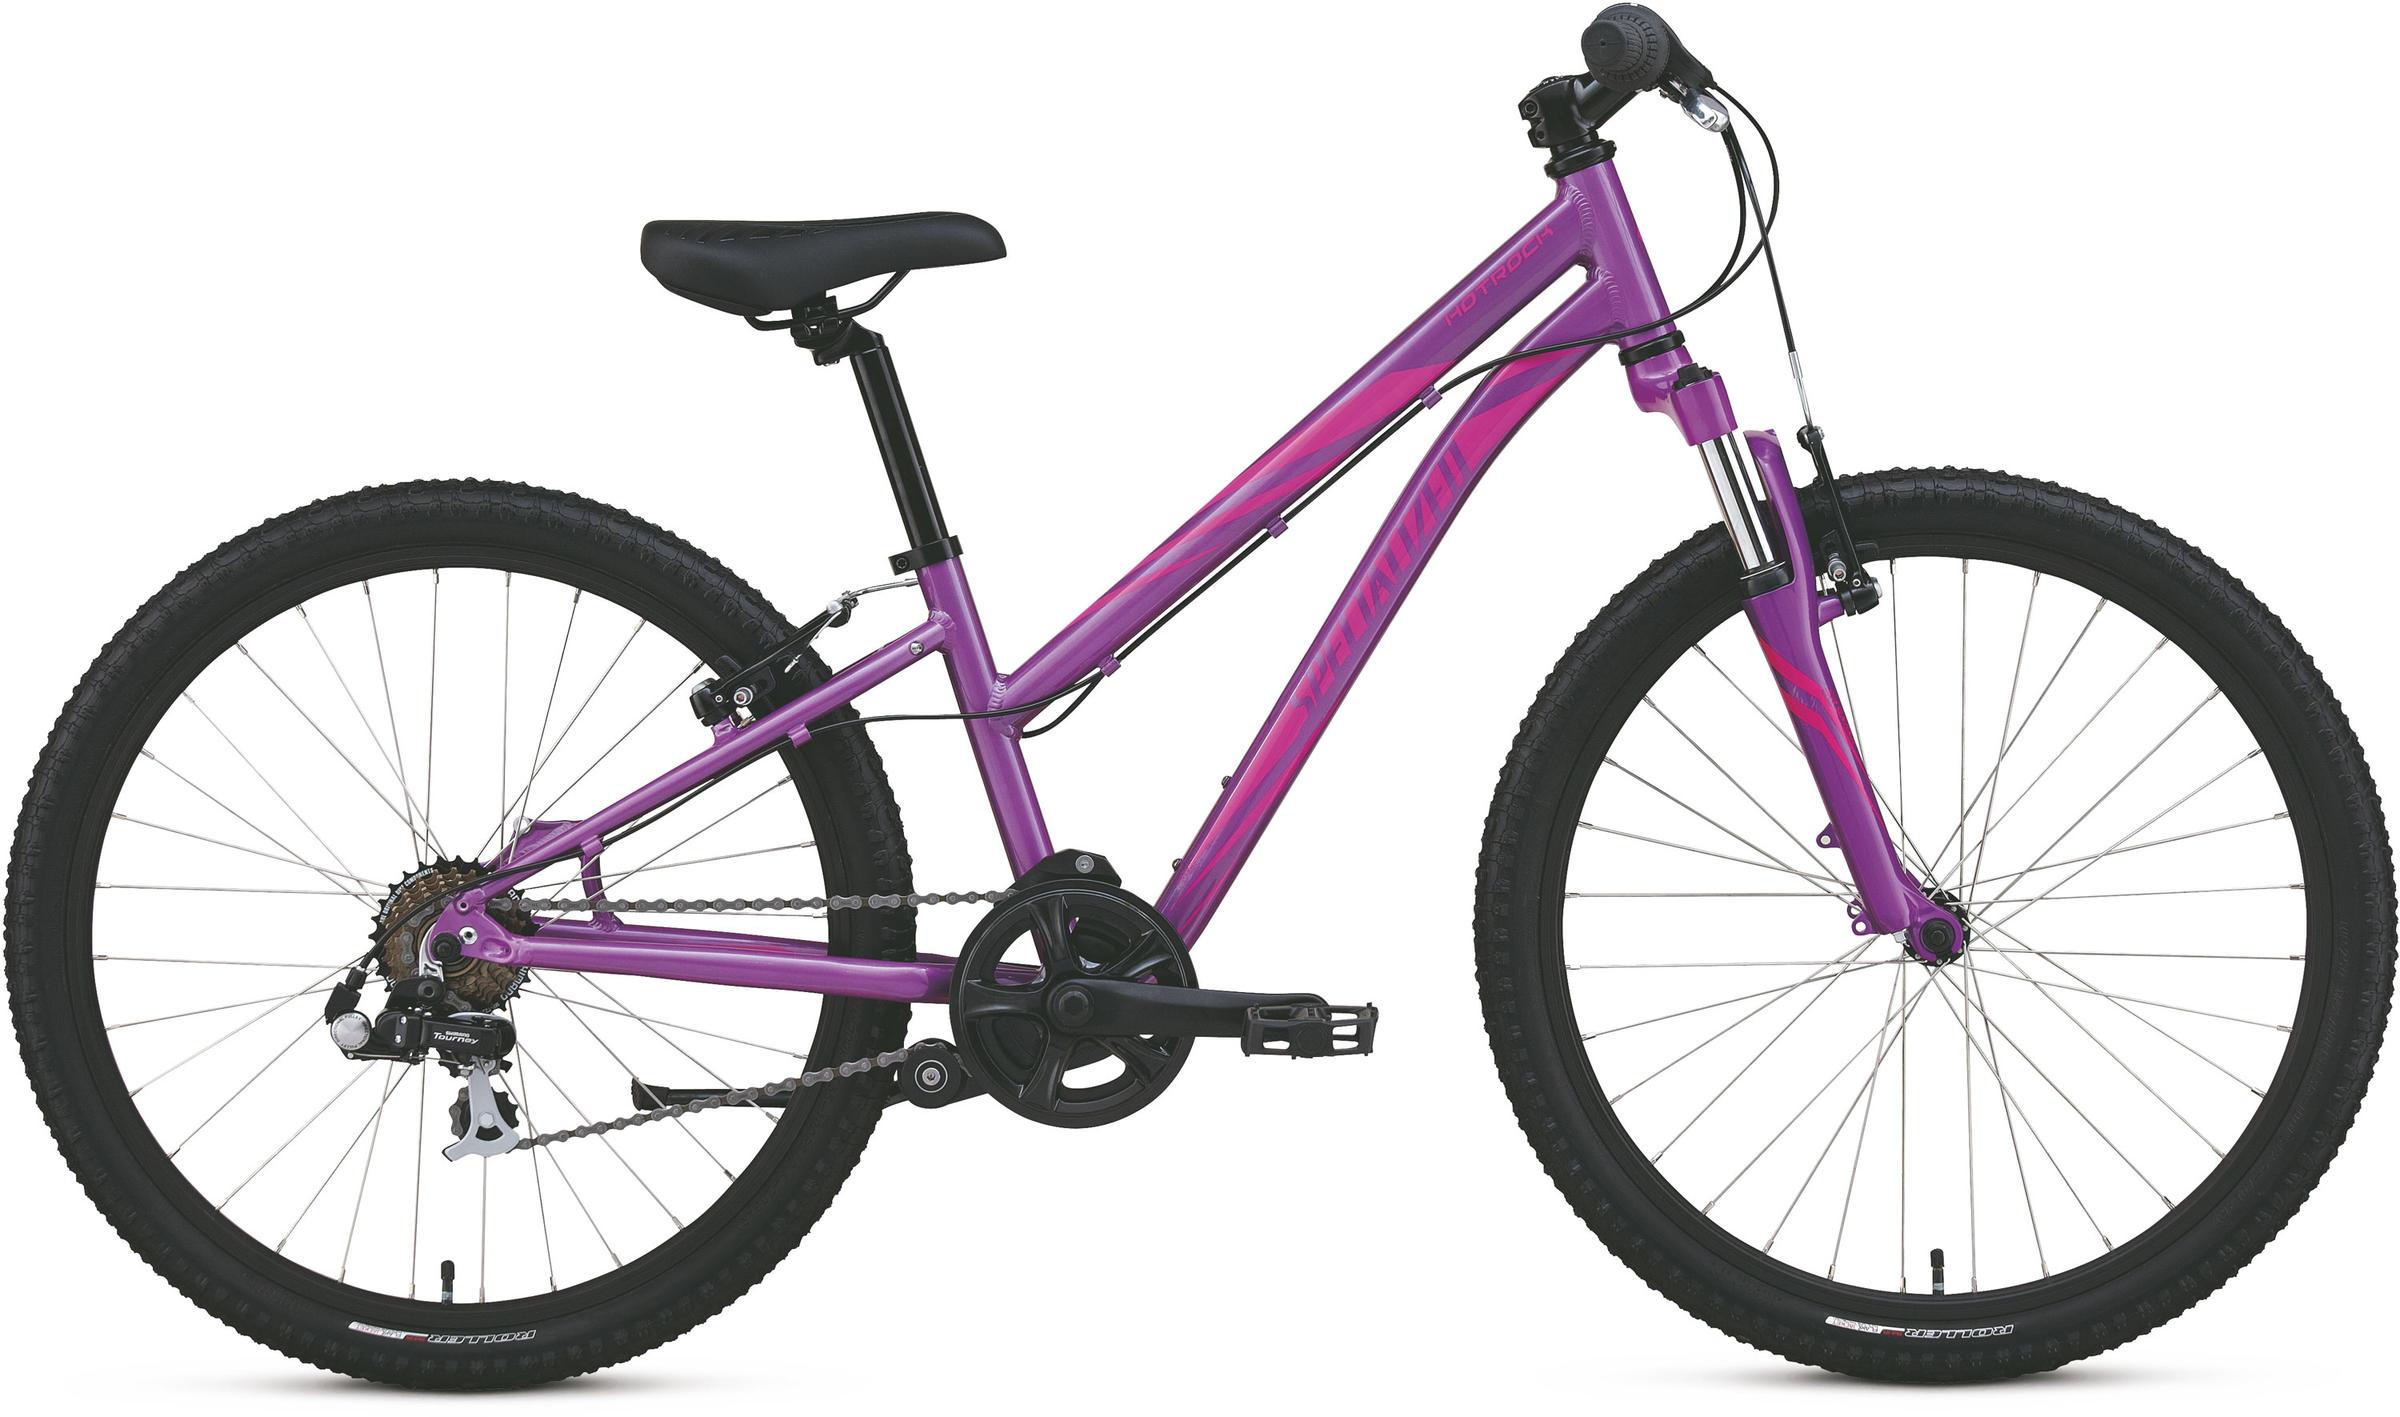 ecd6c7b36be Specialized Girl's Hotrock 24 (7-Speed) - Wheel World Bike Shops ...